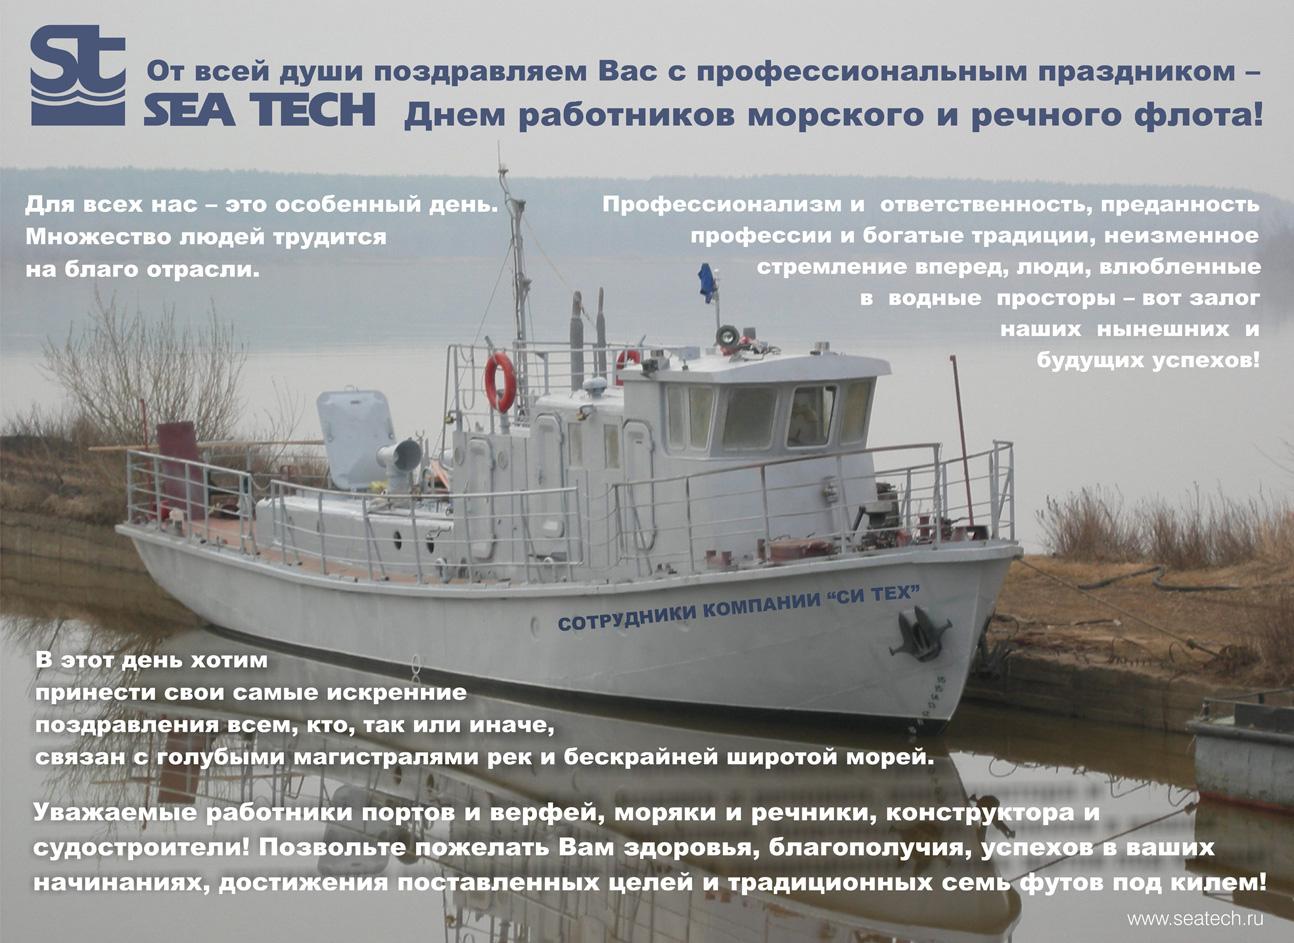 это поздравление на день работников морского и речного флота репер ответил вопросы